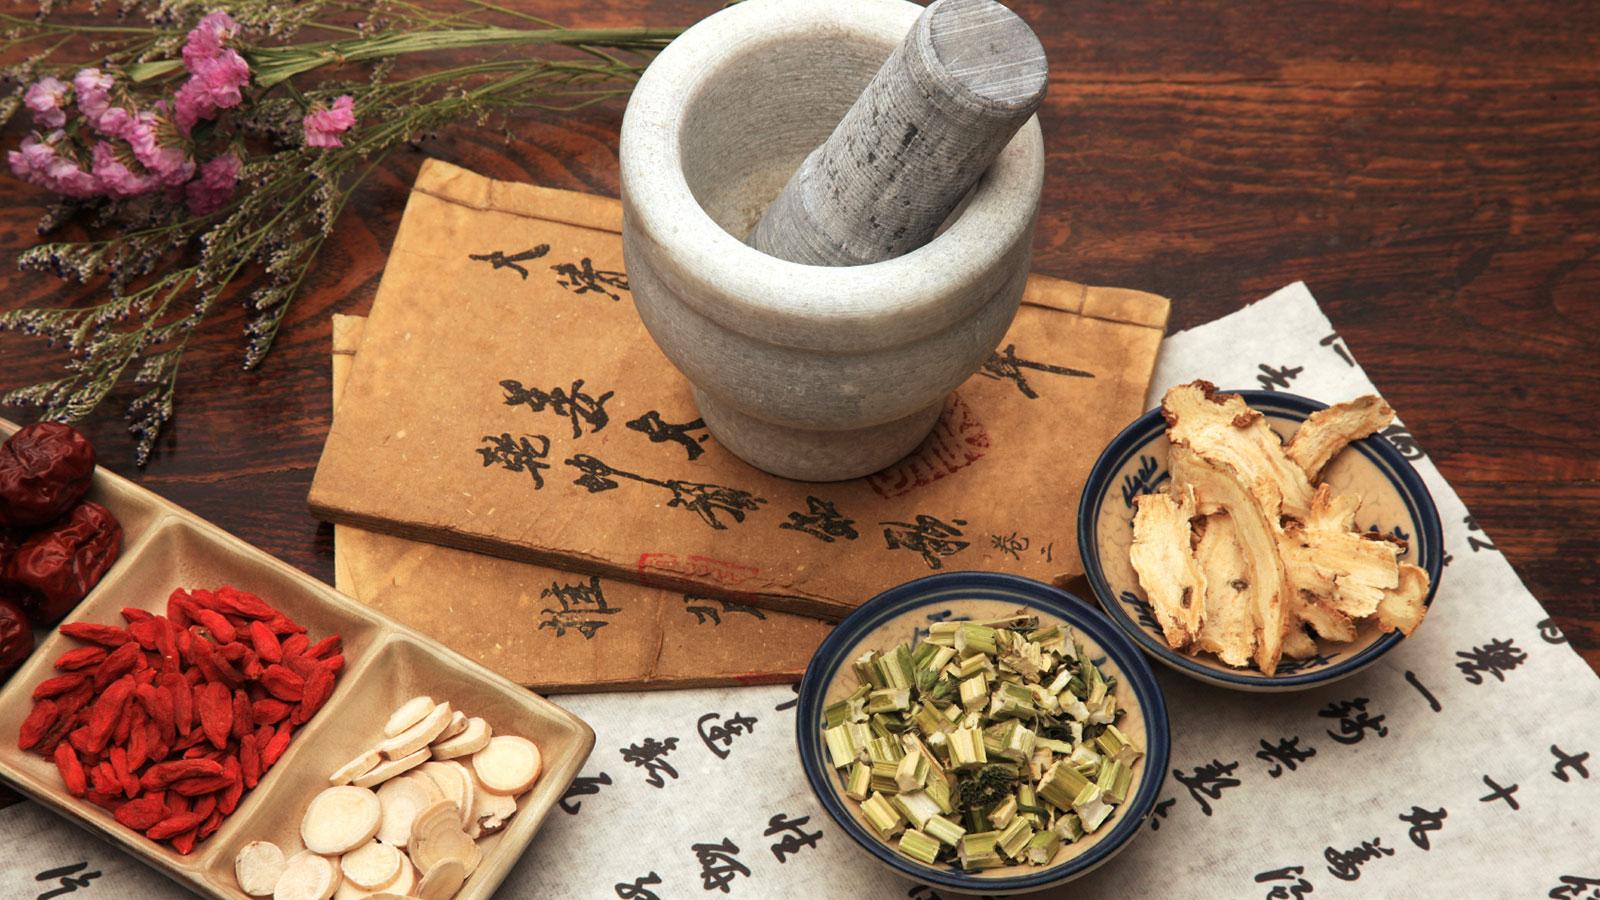 K Chenpantry so funktioniert traditionelle chinesische medizin evidero